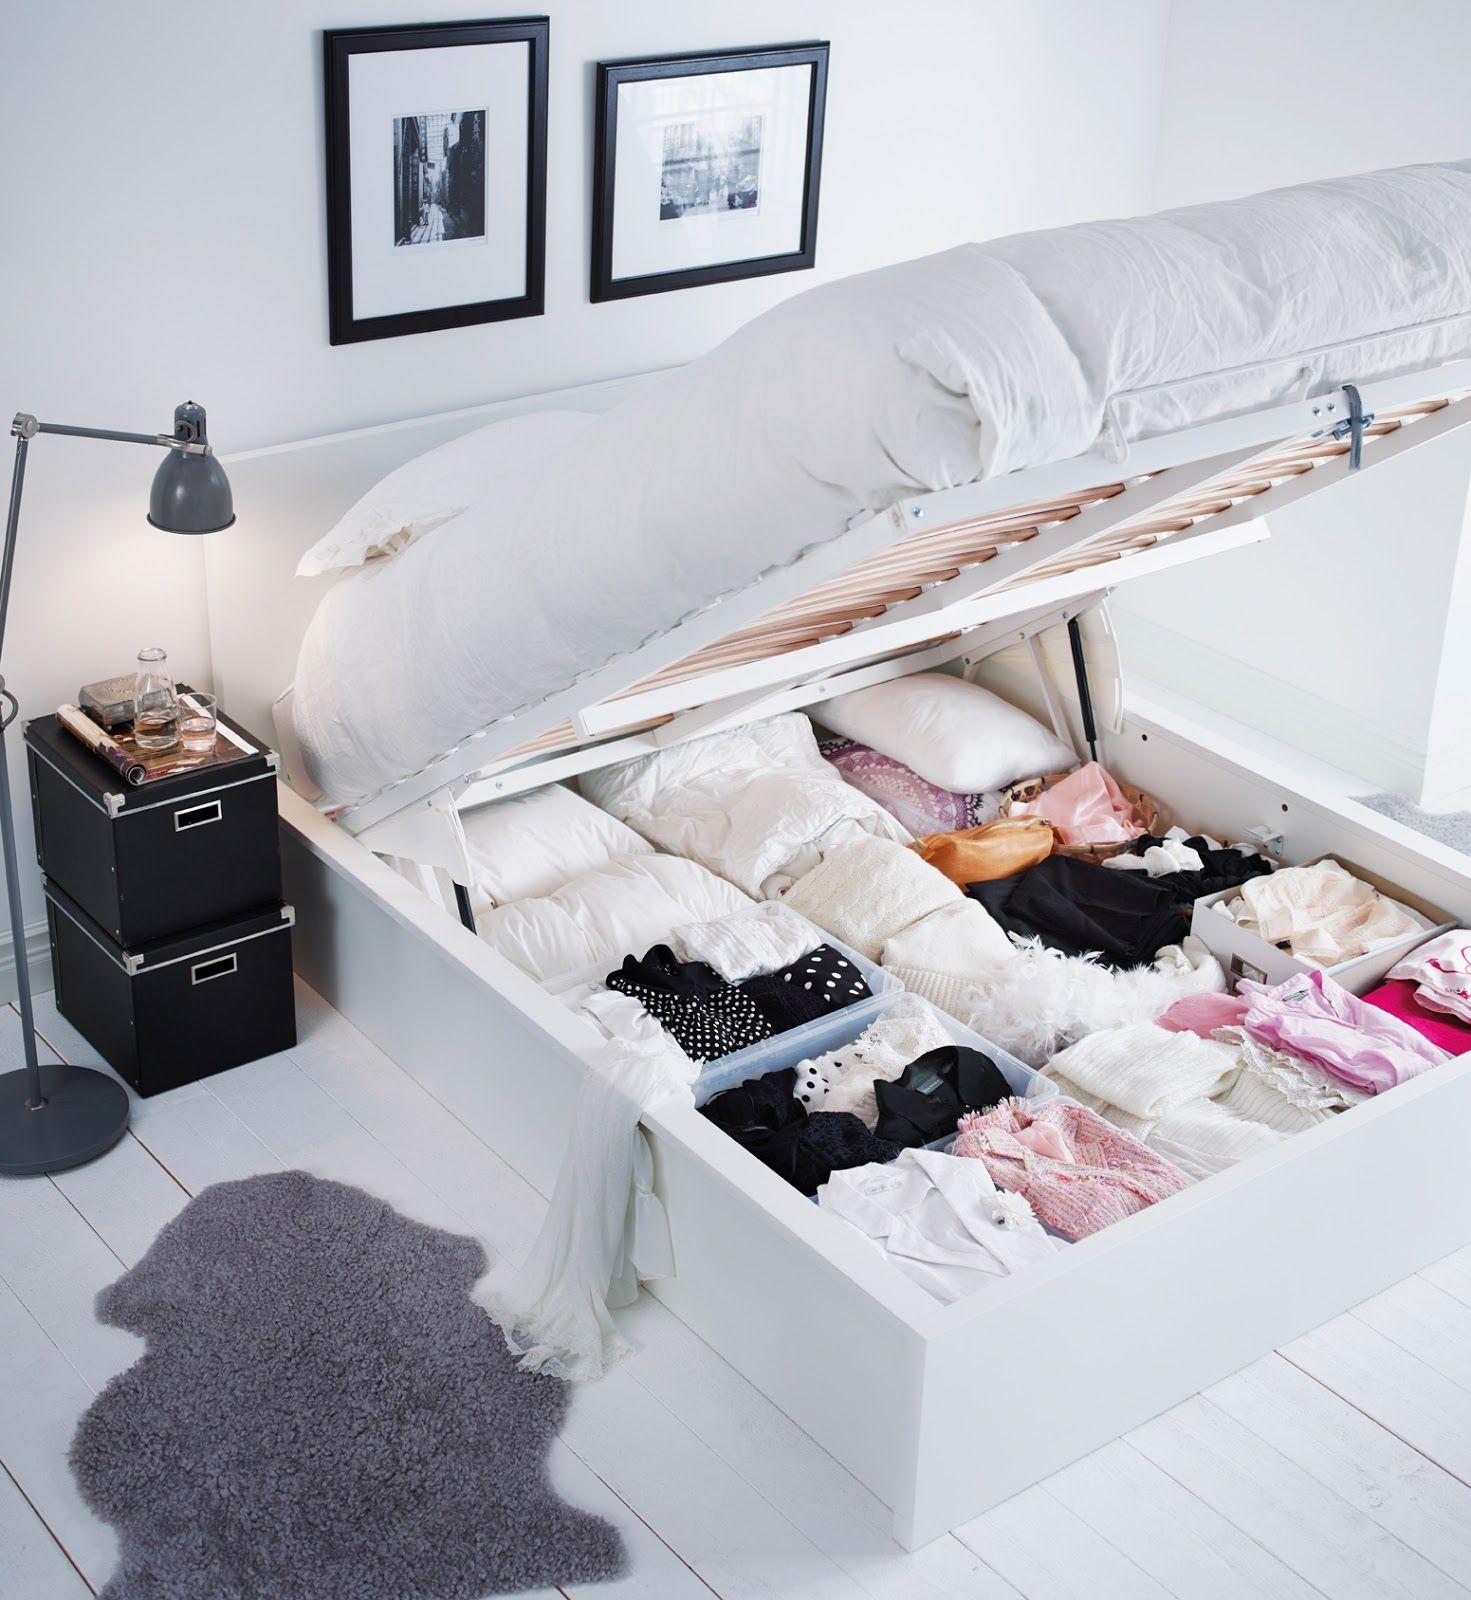 Очень удобно, если в кровати есть встроенные места для хранения вещей